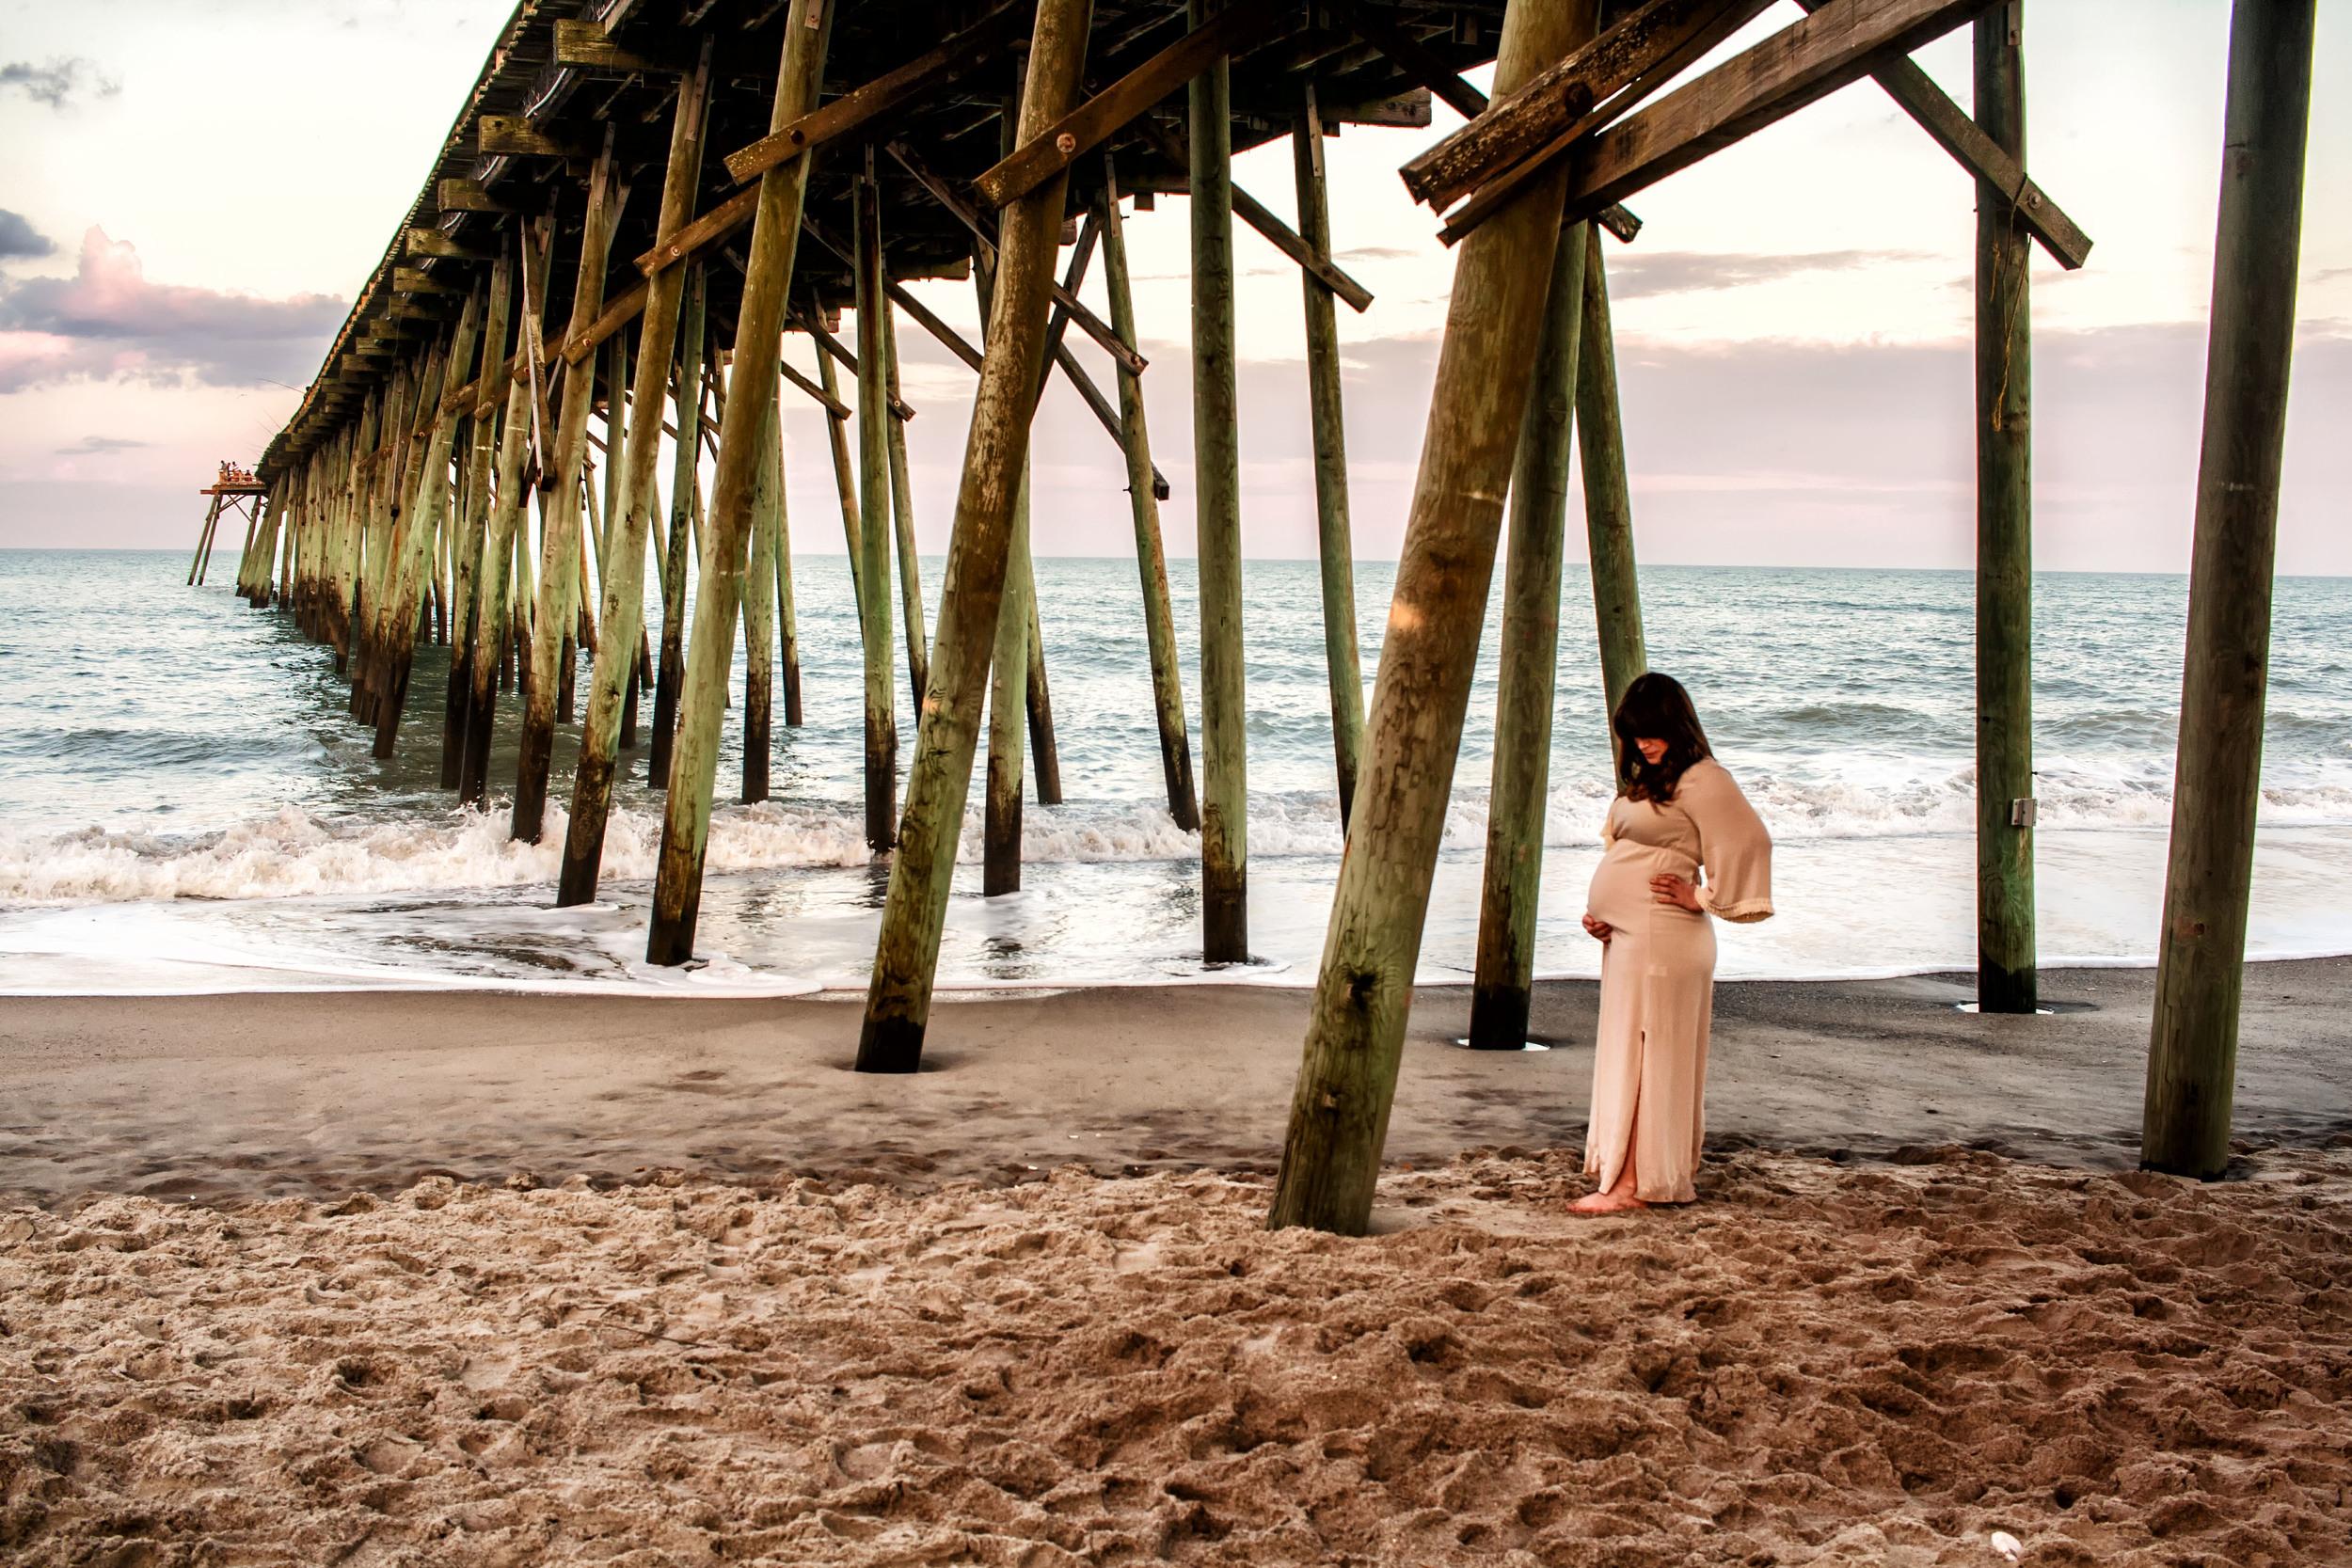 Kure_Beach_Maternity_Shoot_Tiffany_Abruzzo_Photography_27.jpg